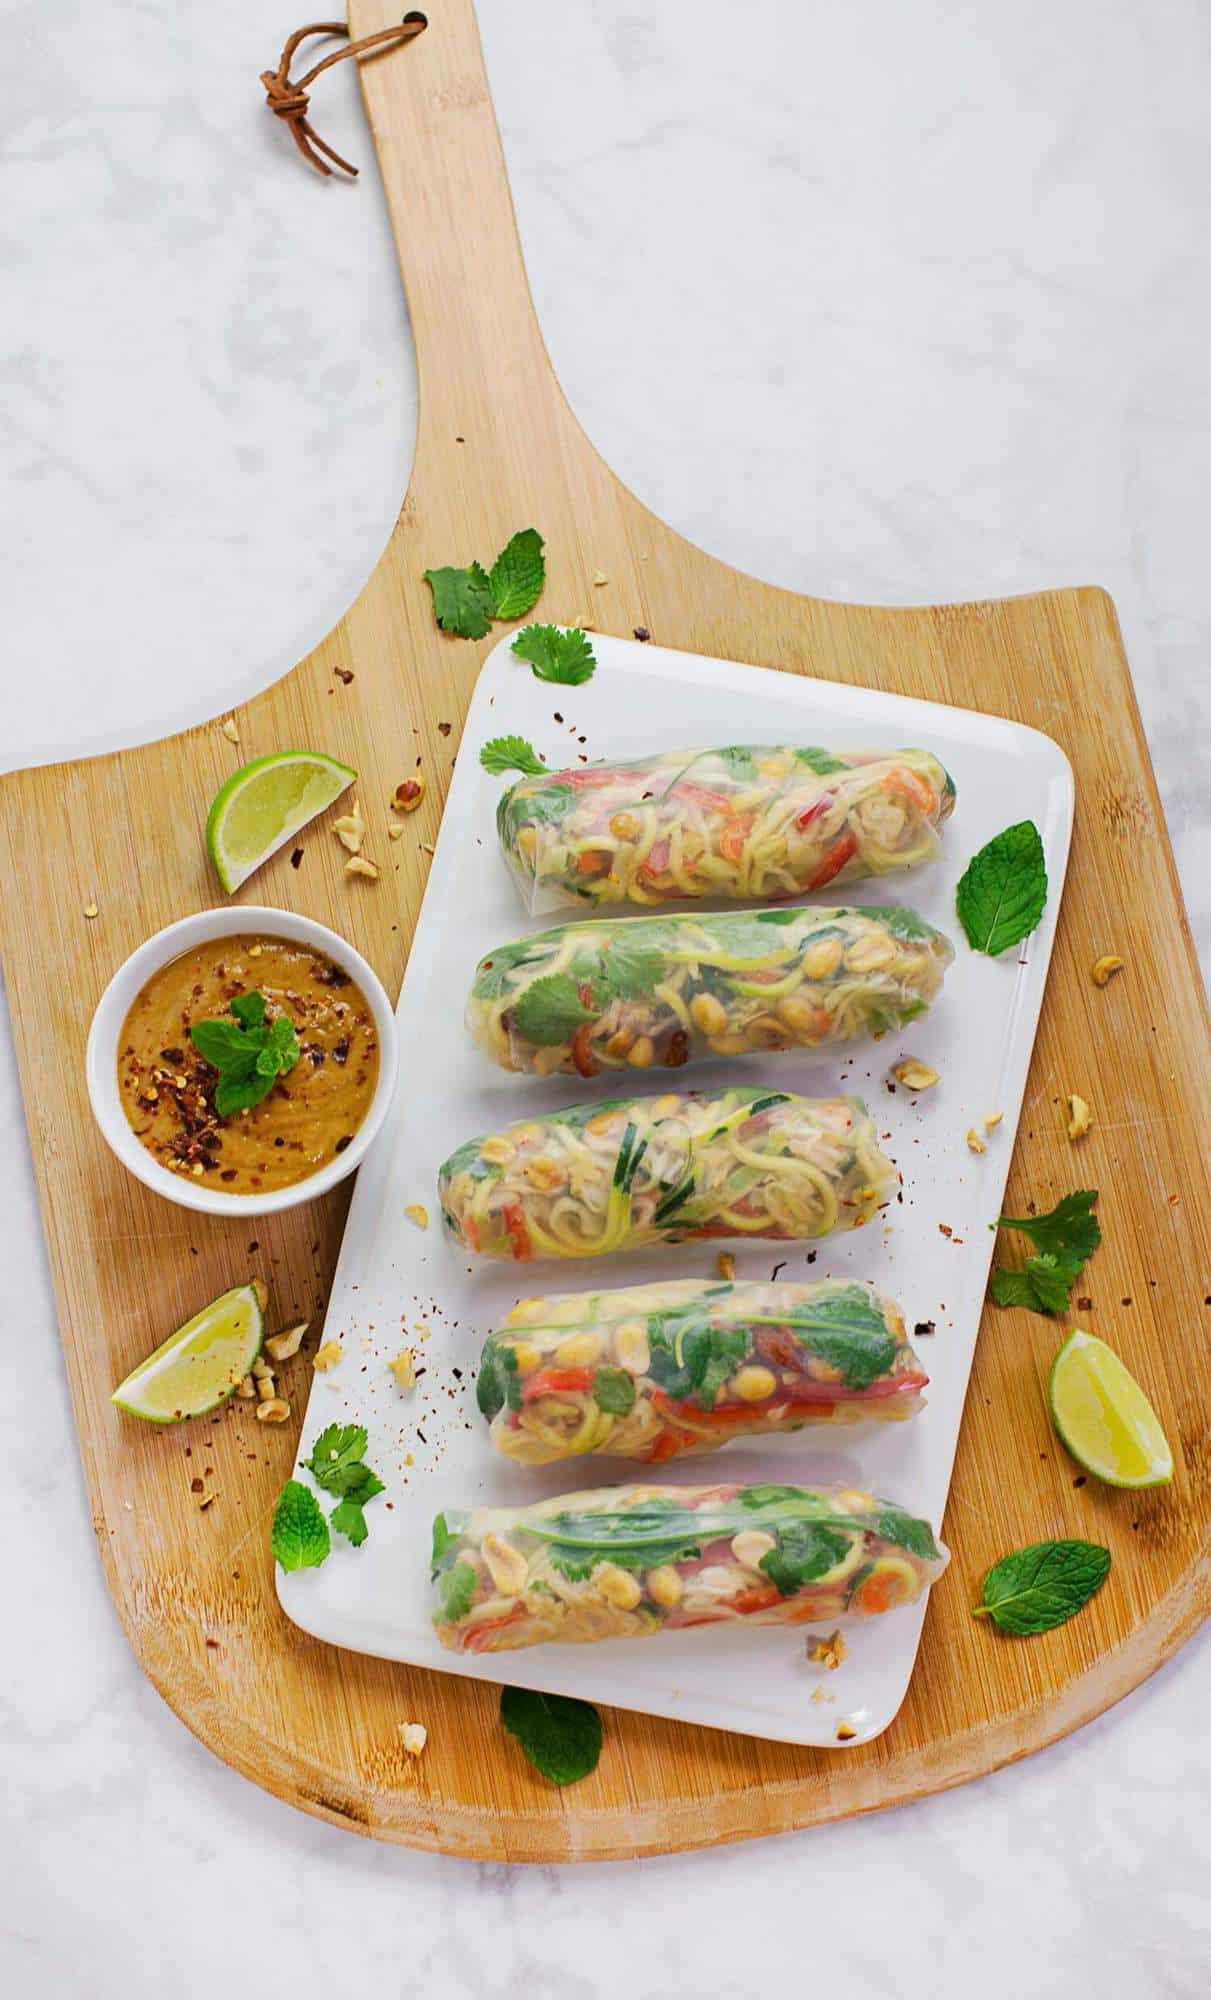 Mostly raw pad thai spring rolls